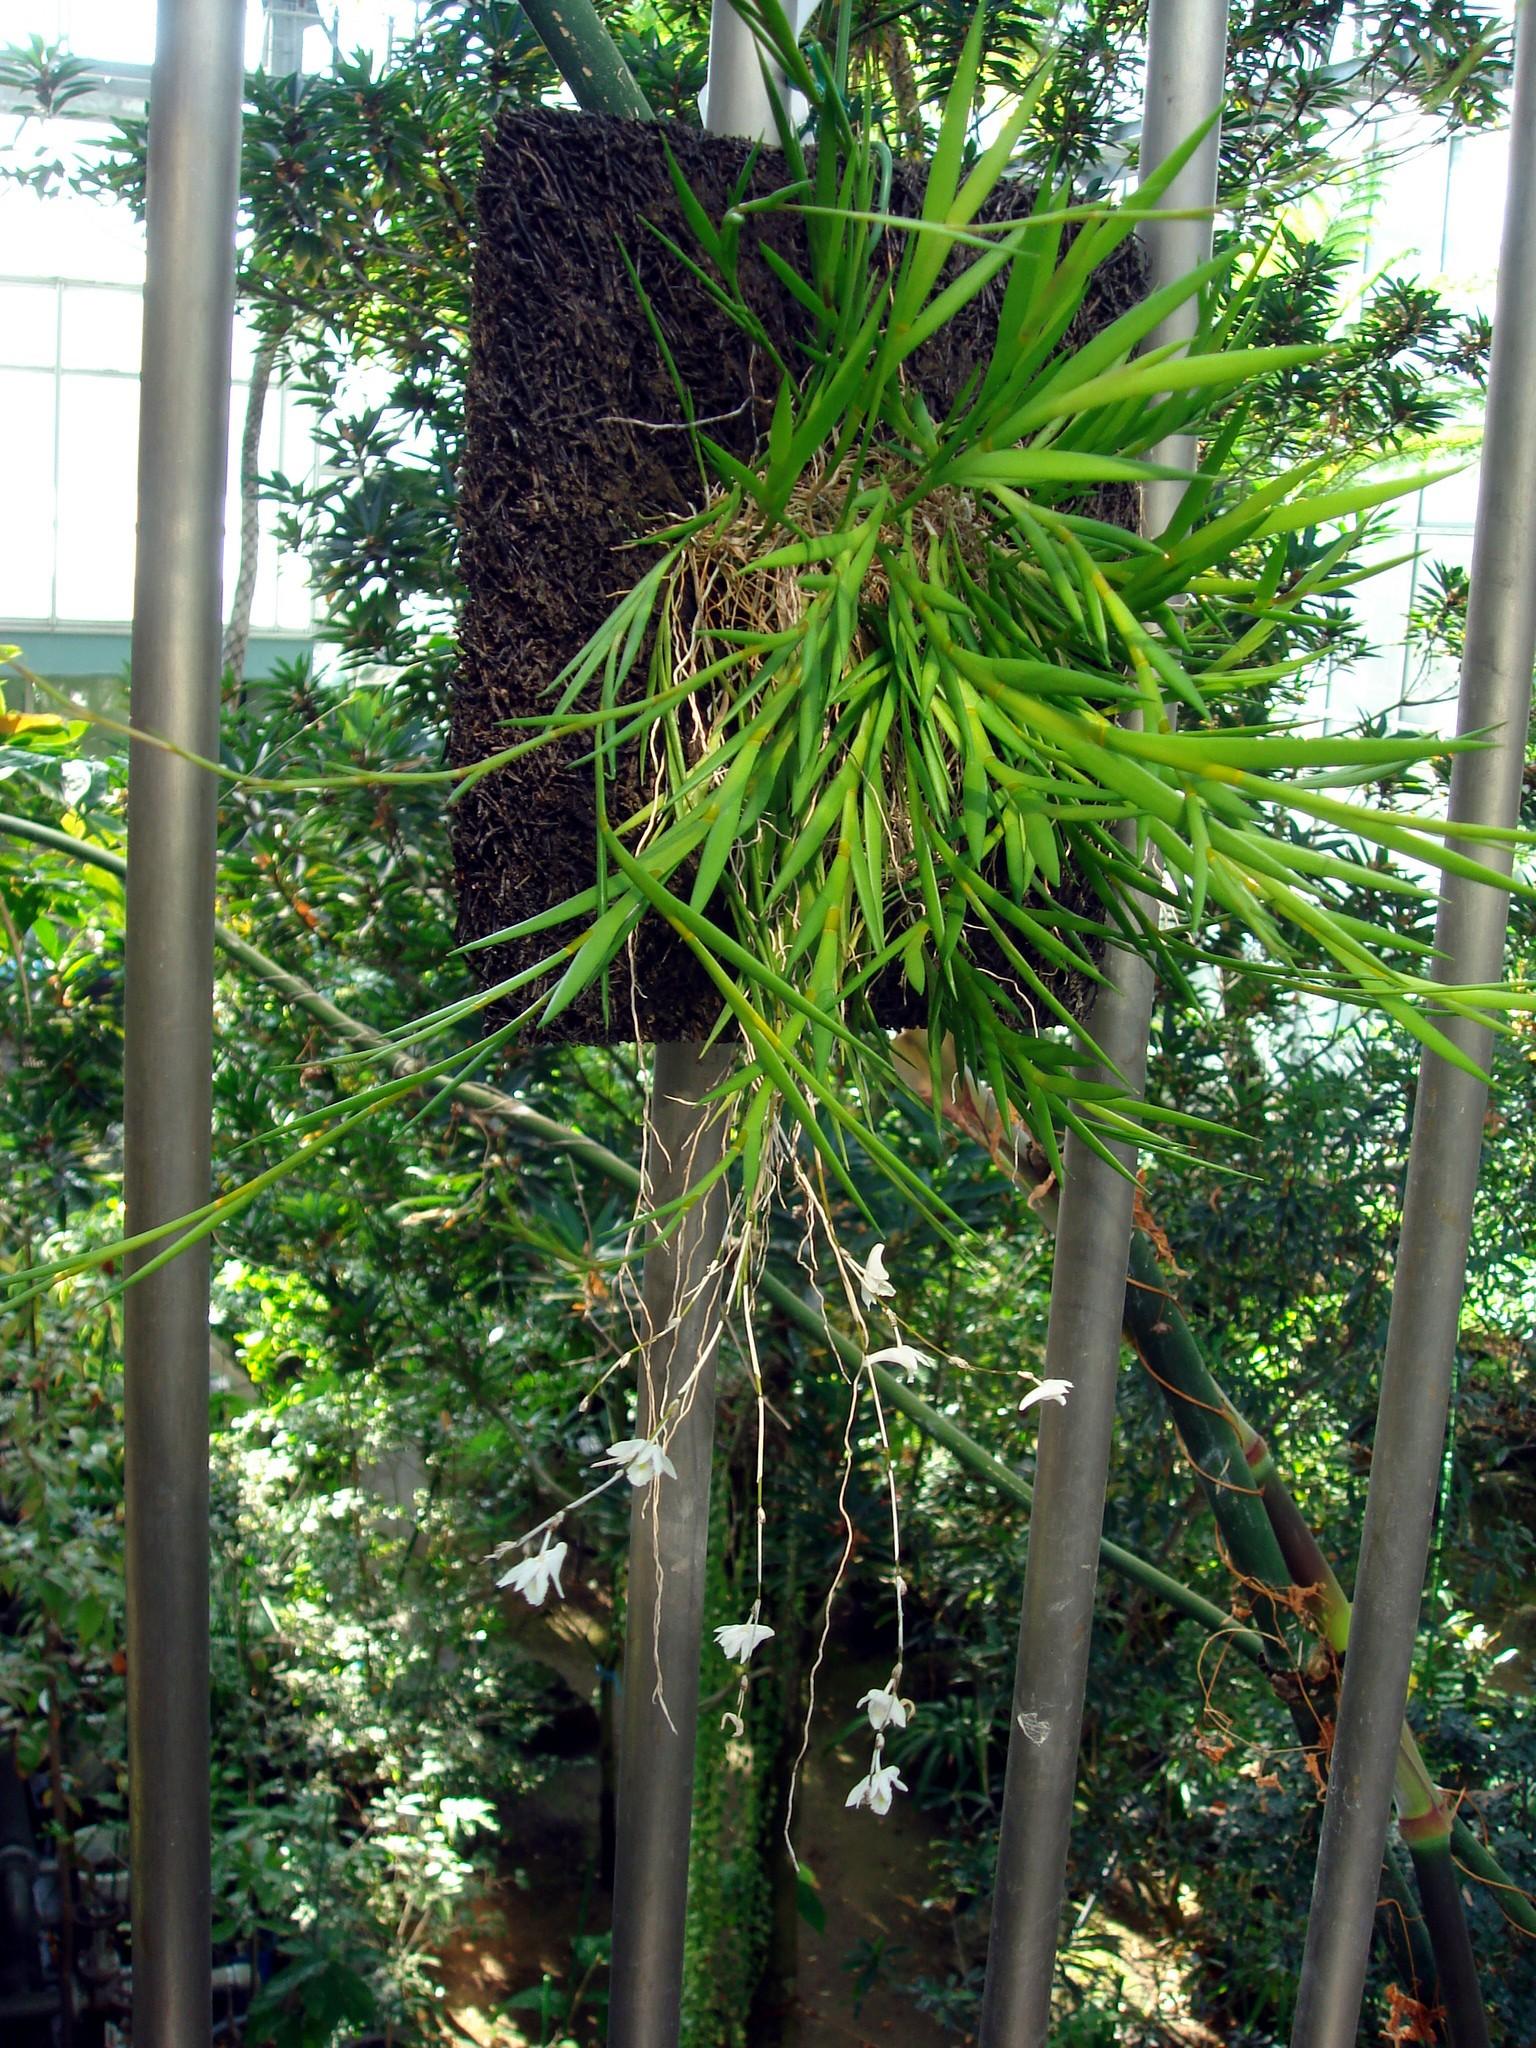 http://orchids.la.coocan.jp/Dendrobium/Dendrobium%20clavator/DSC00239.JPG